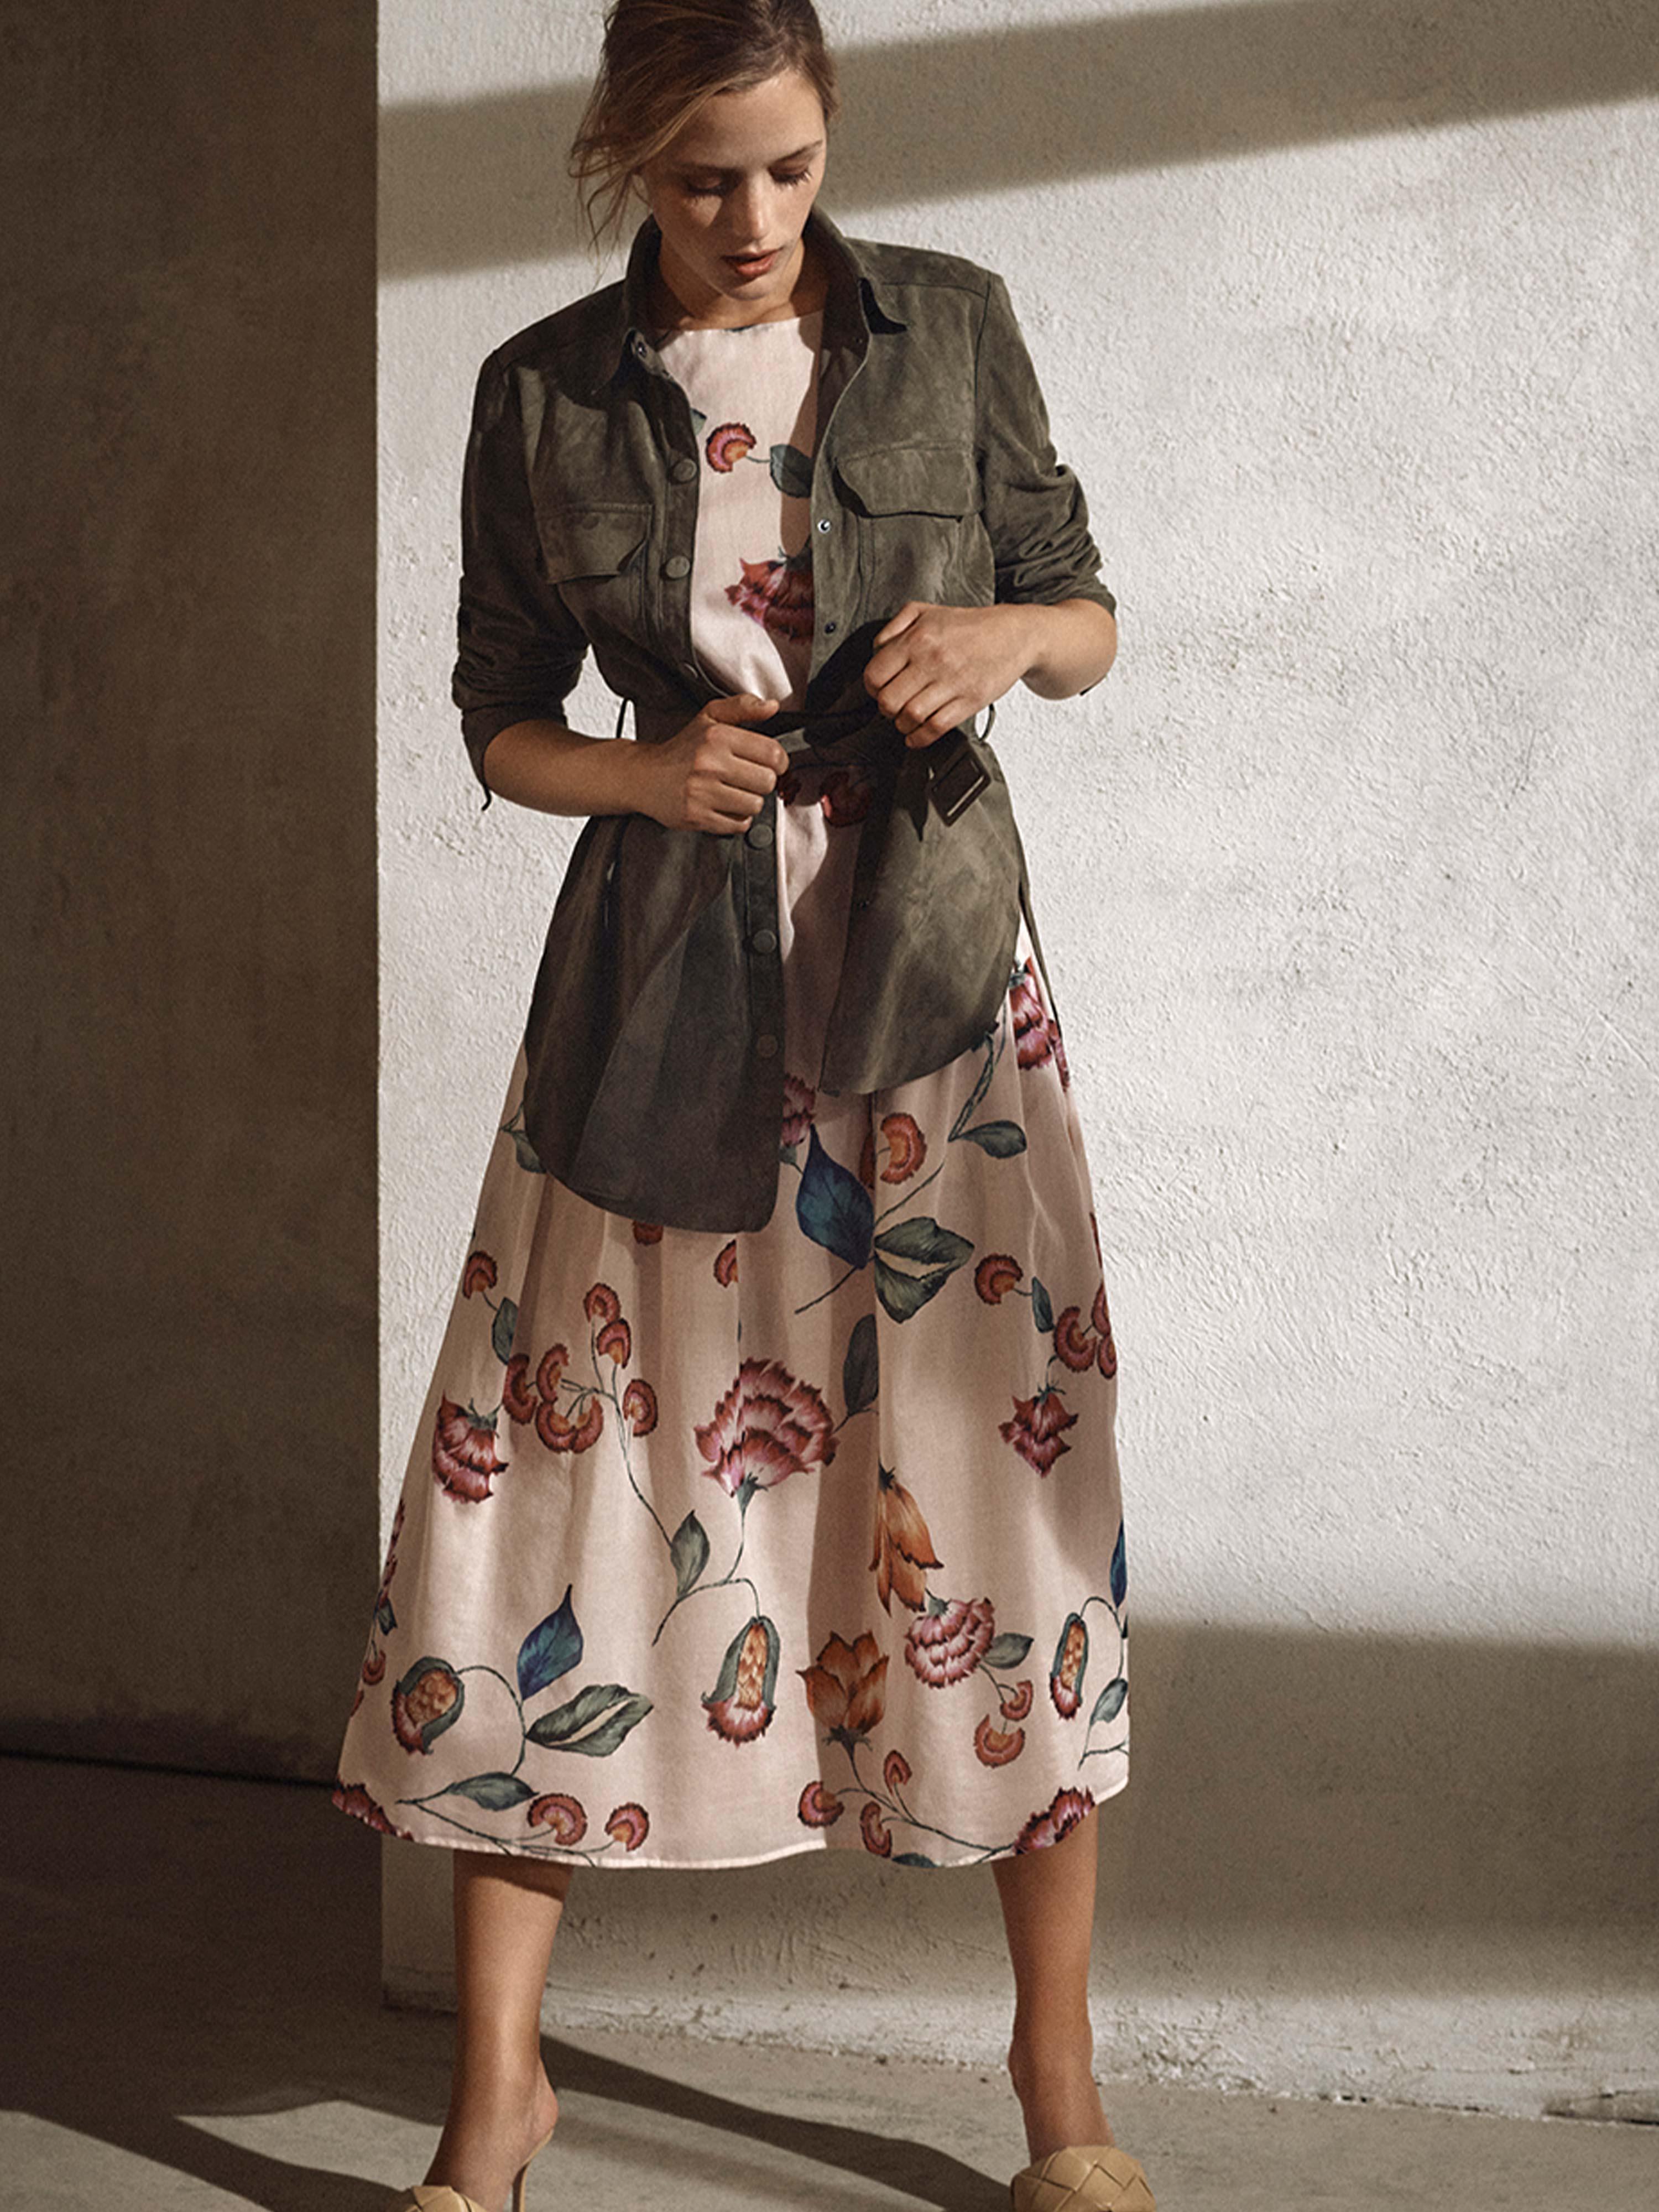 luisa cerano online shop - aktuelle mode und accessoires